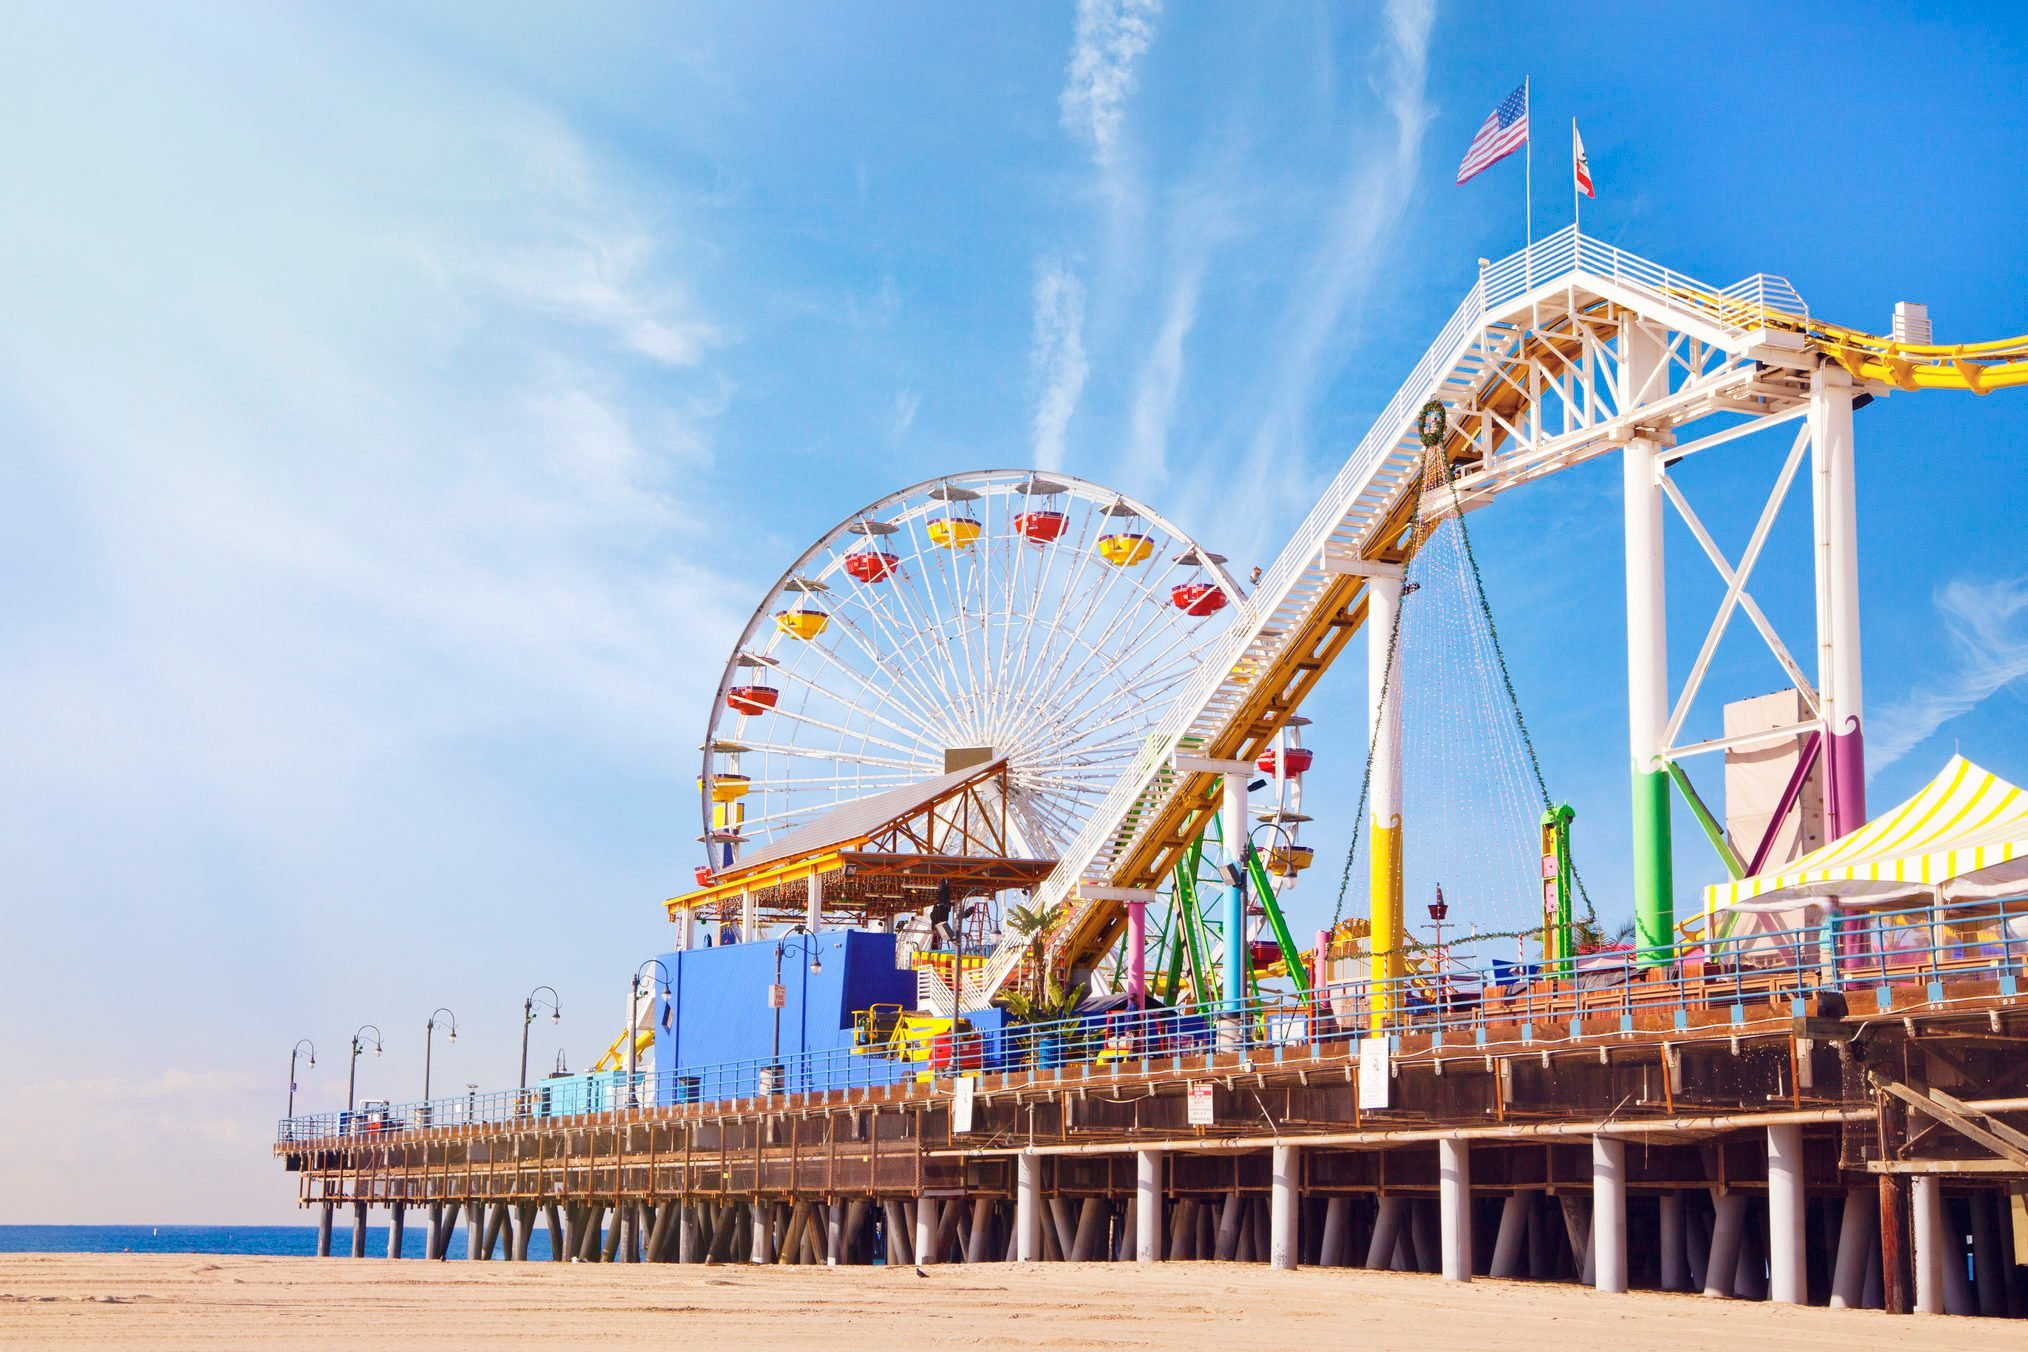 a view of Santa Monica beach and pier from the beach, Santa Monica, California